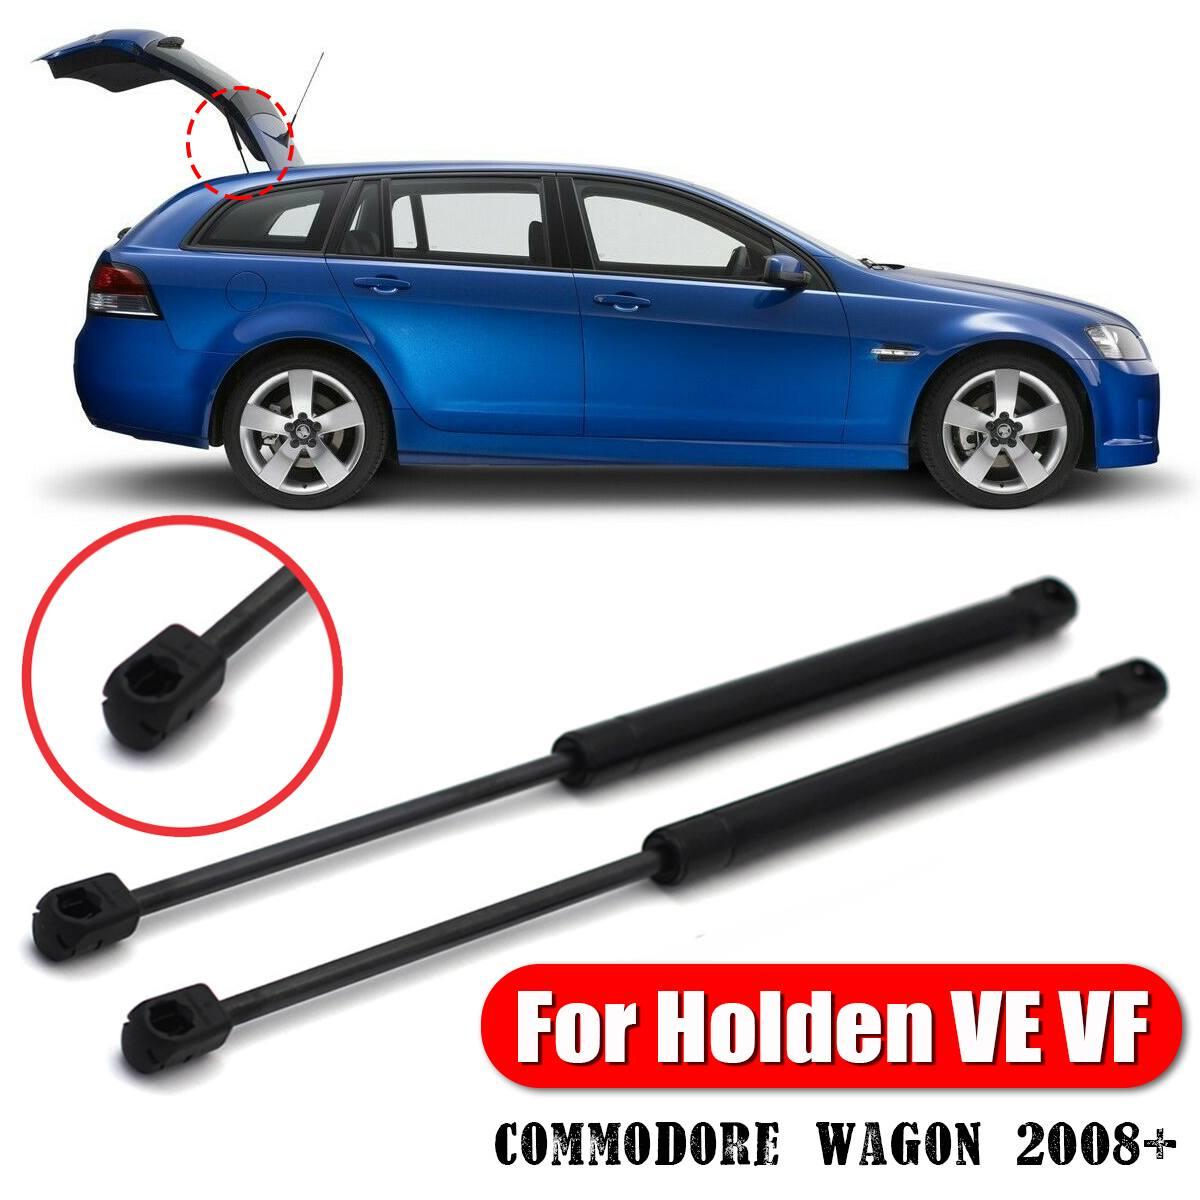 2 stuks Auto Achterklep Boot Gasveer Ondersteuning Stutten bar Voor Holden VE VF Commodore Wagon 2008 +